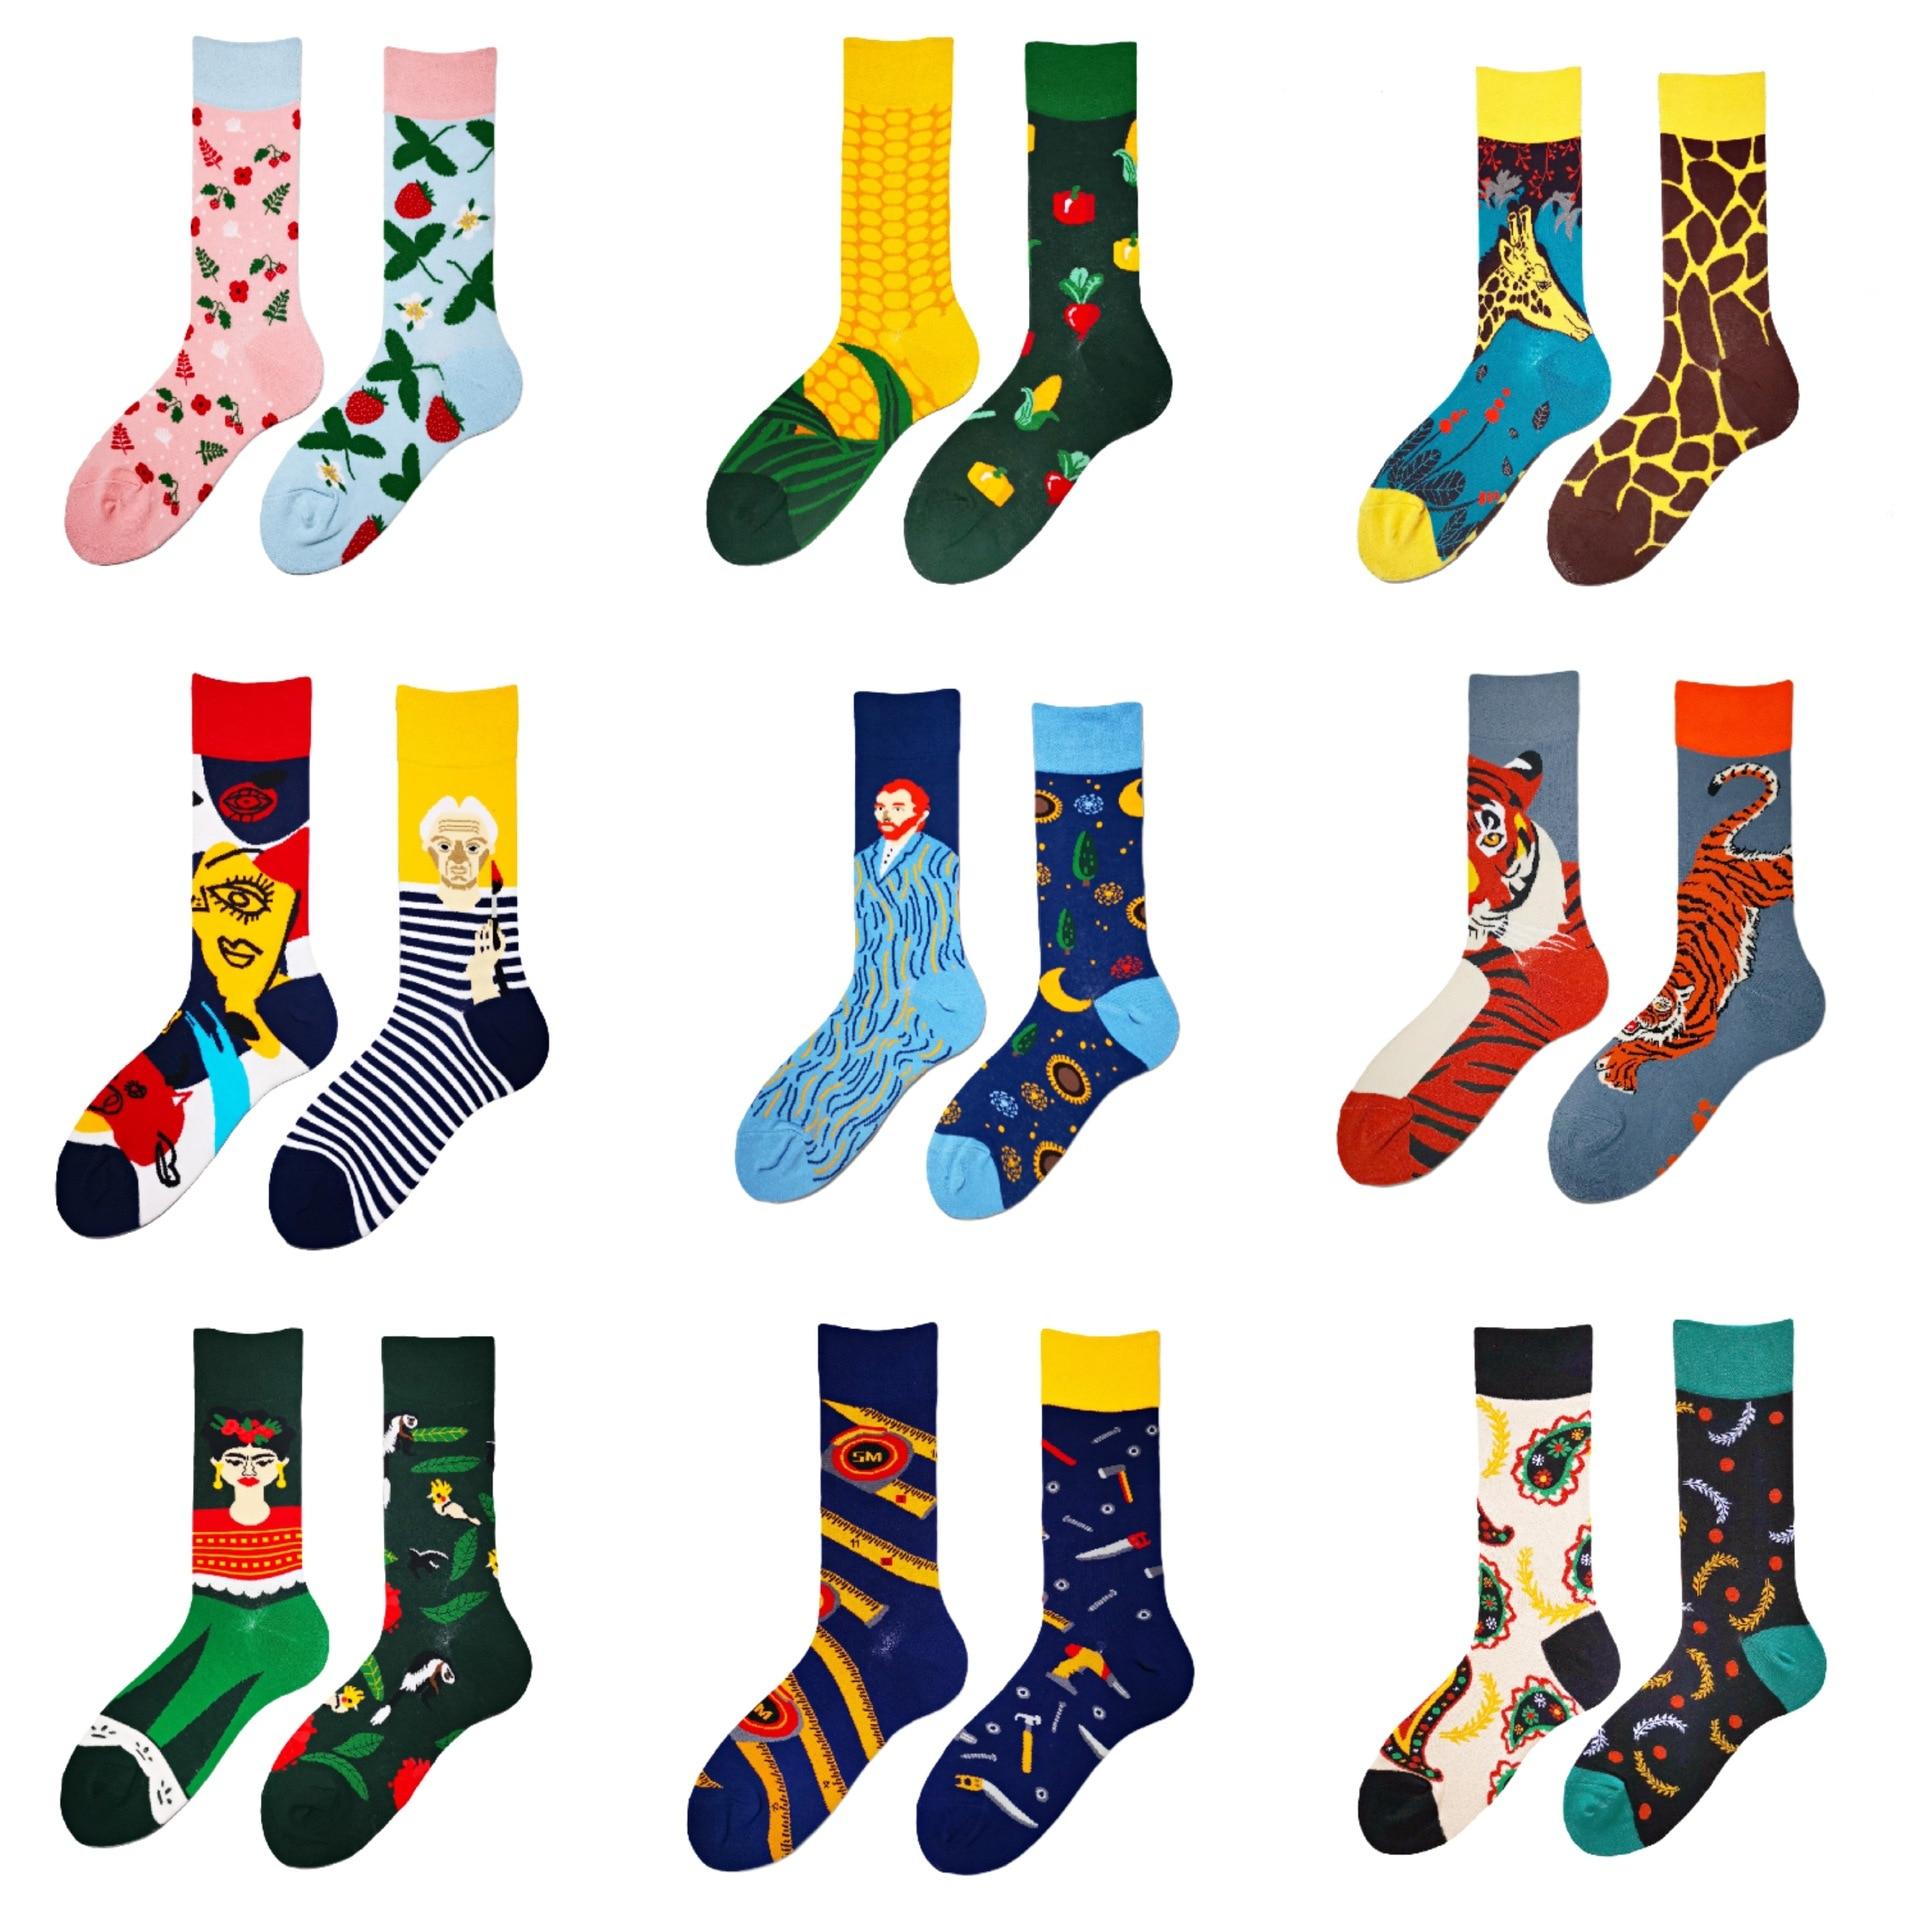 Мультяшные носки, зимние носки, мужские и женские чулки, Мультяшные уличные крутые хлопковые носки, модные дизайнерские носки для пар